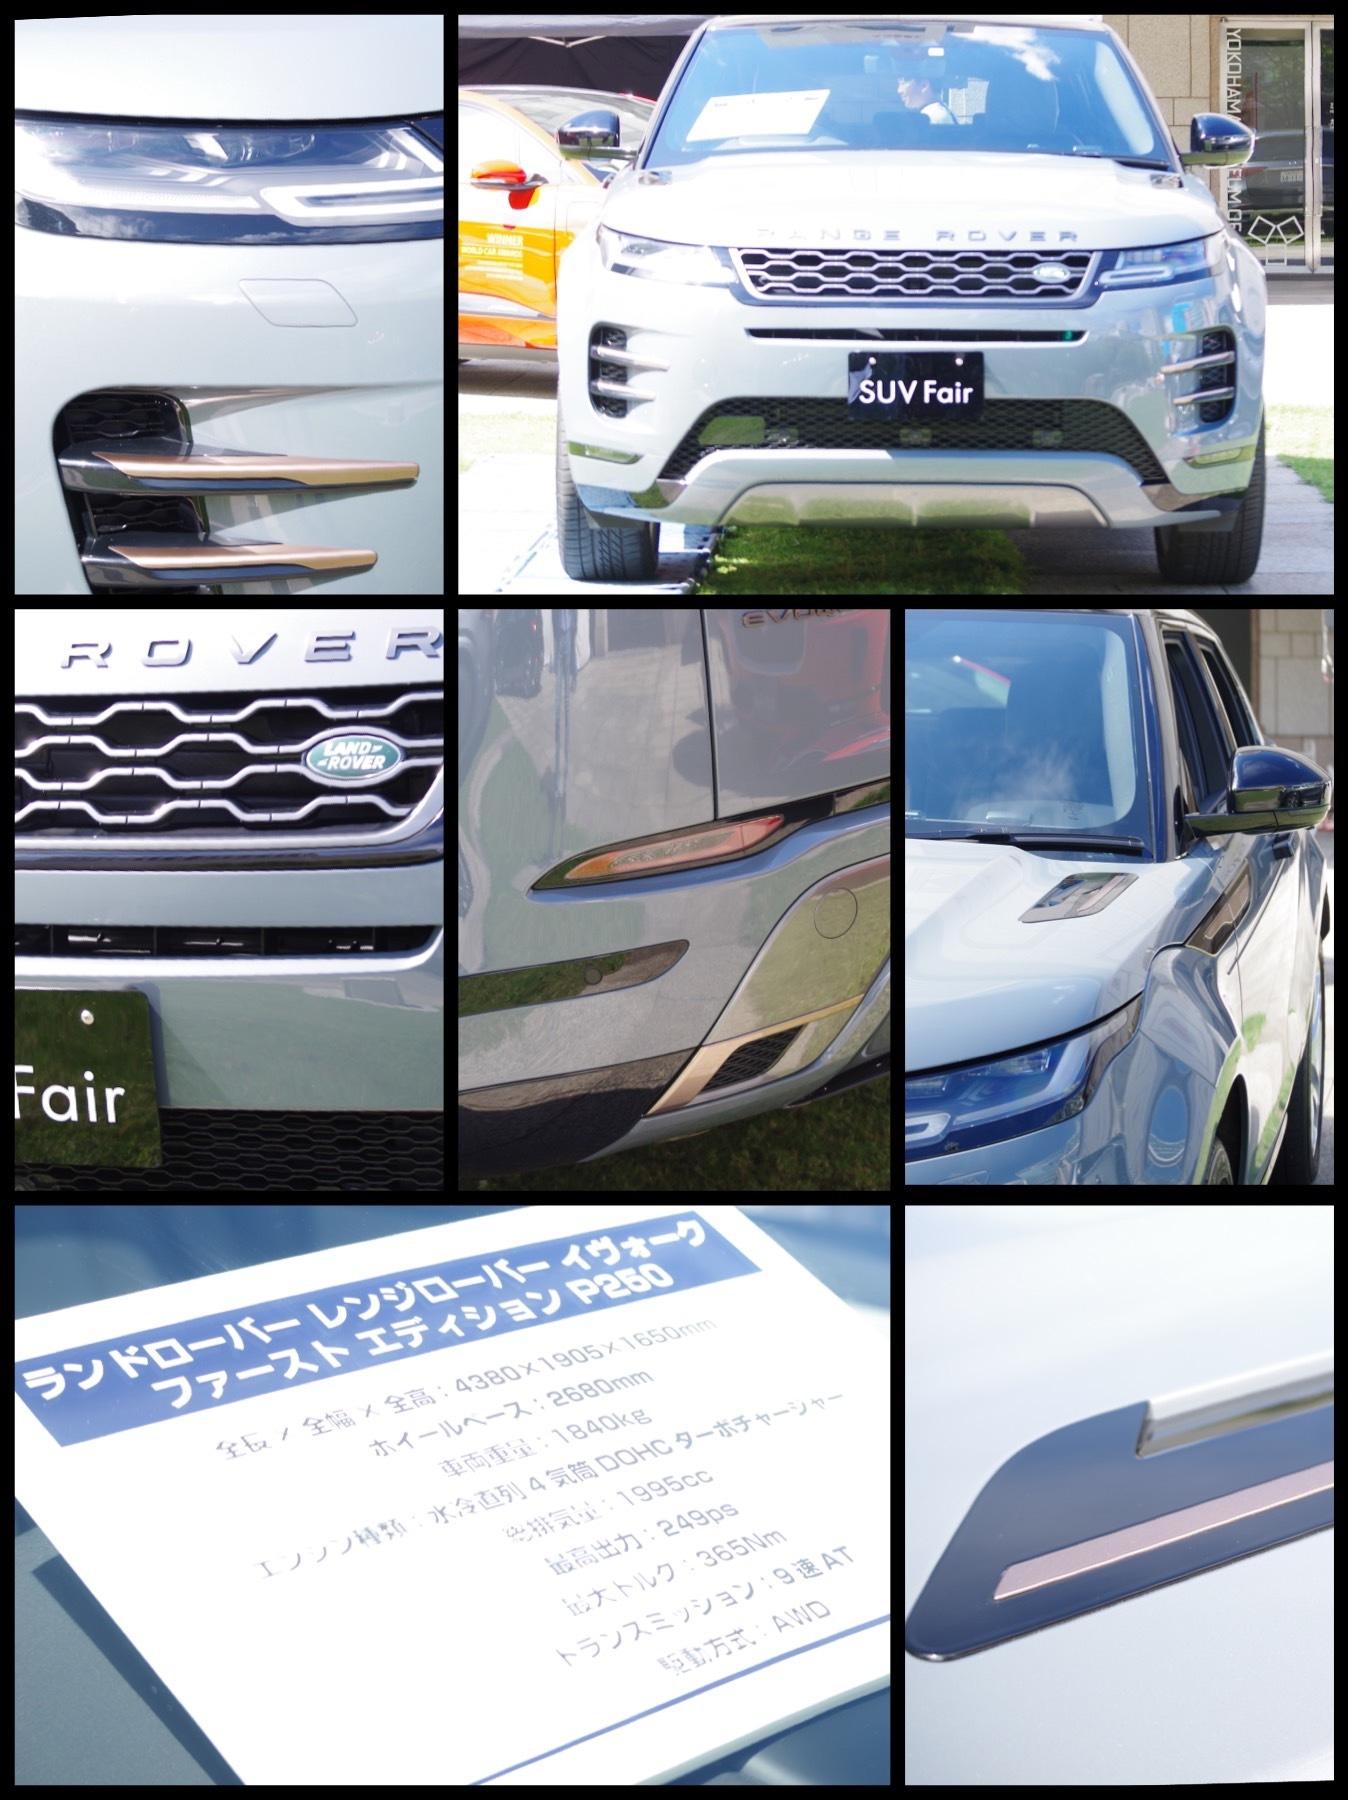 横浜SUVフェア2019 ランドローバー イヴォークファーストエディションP250